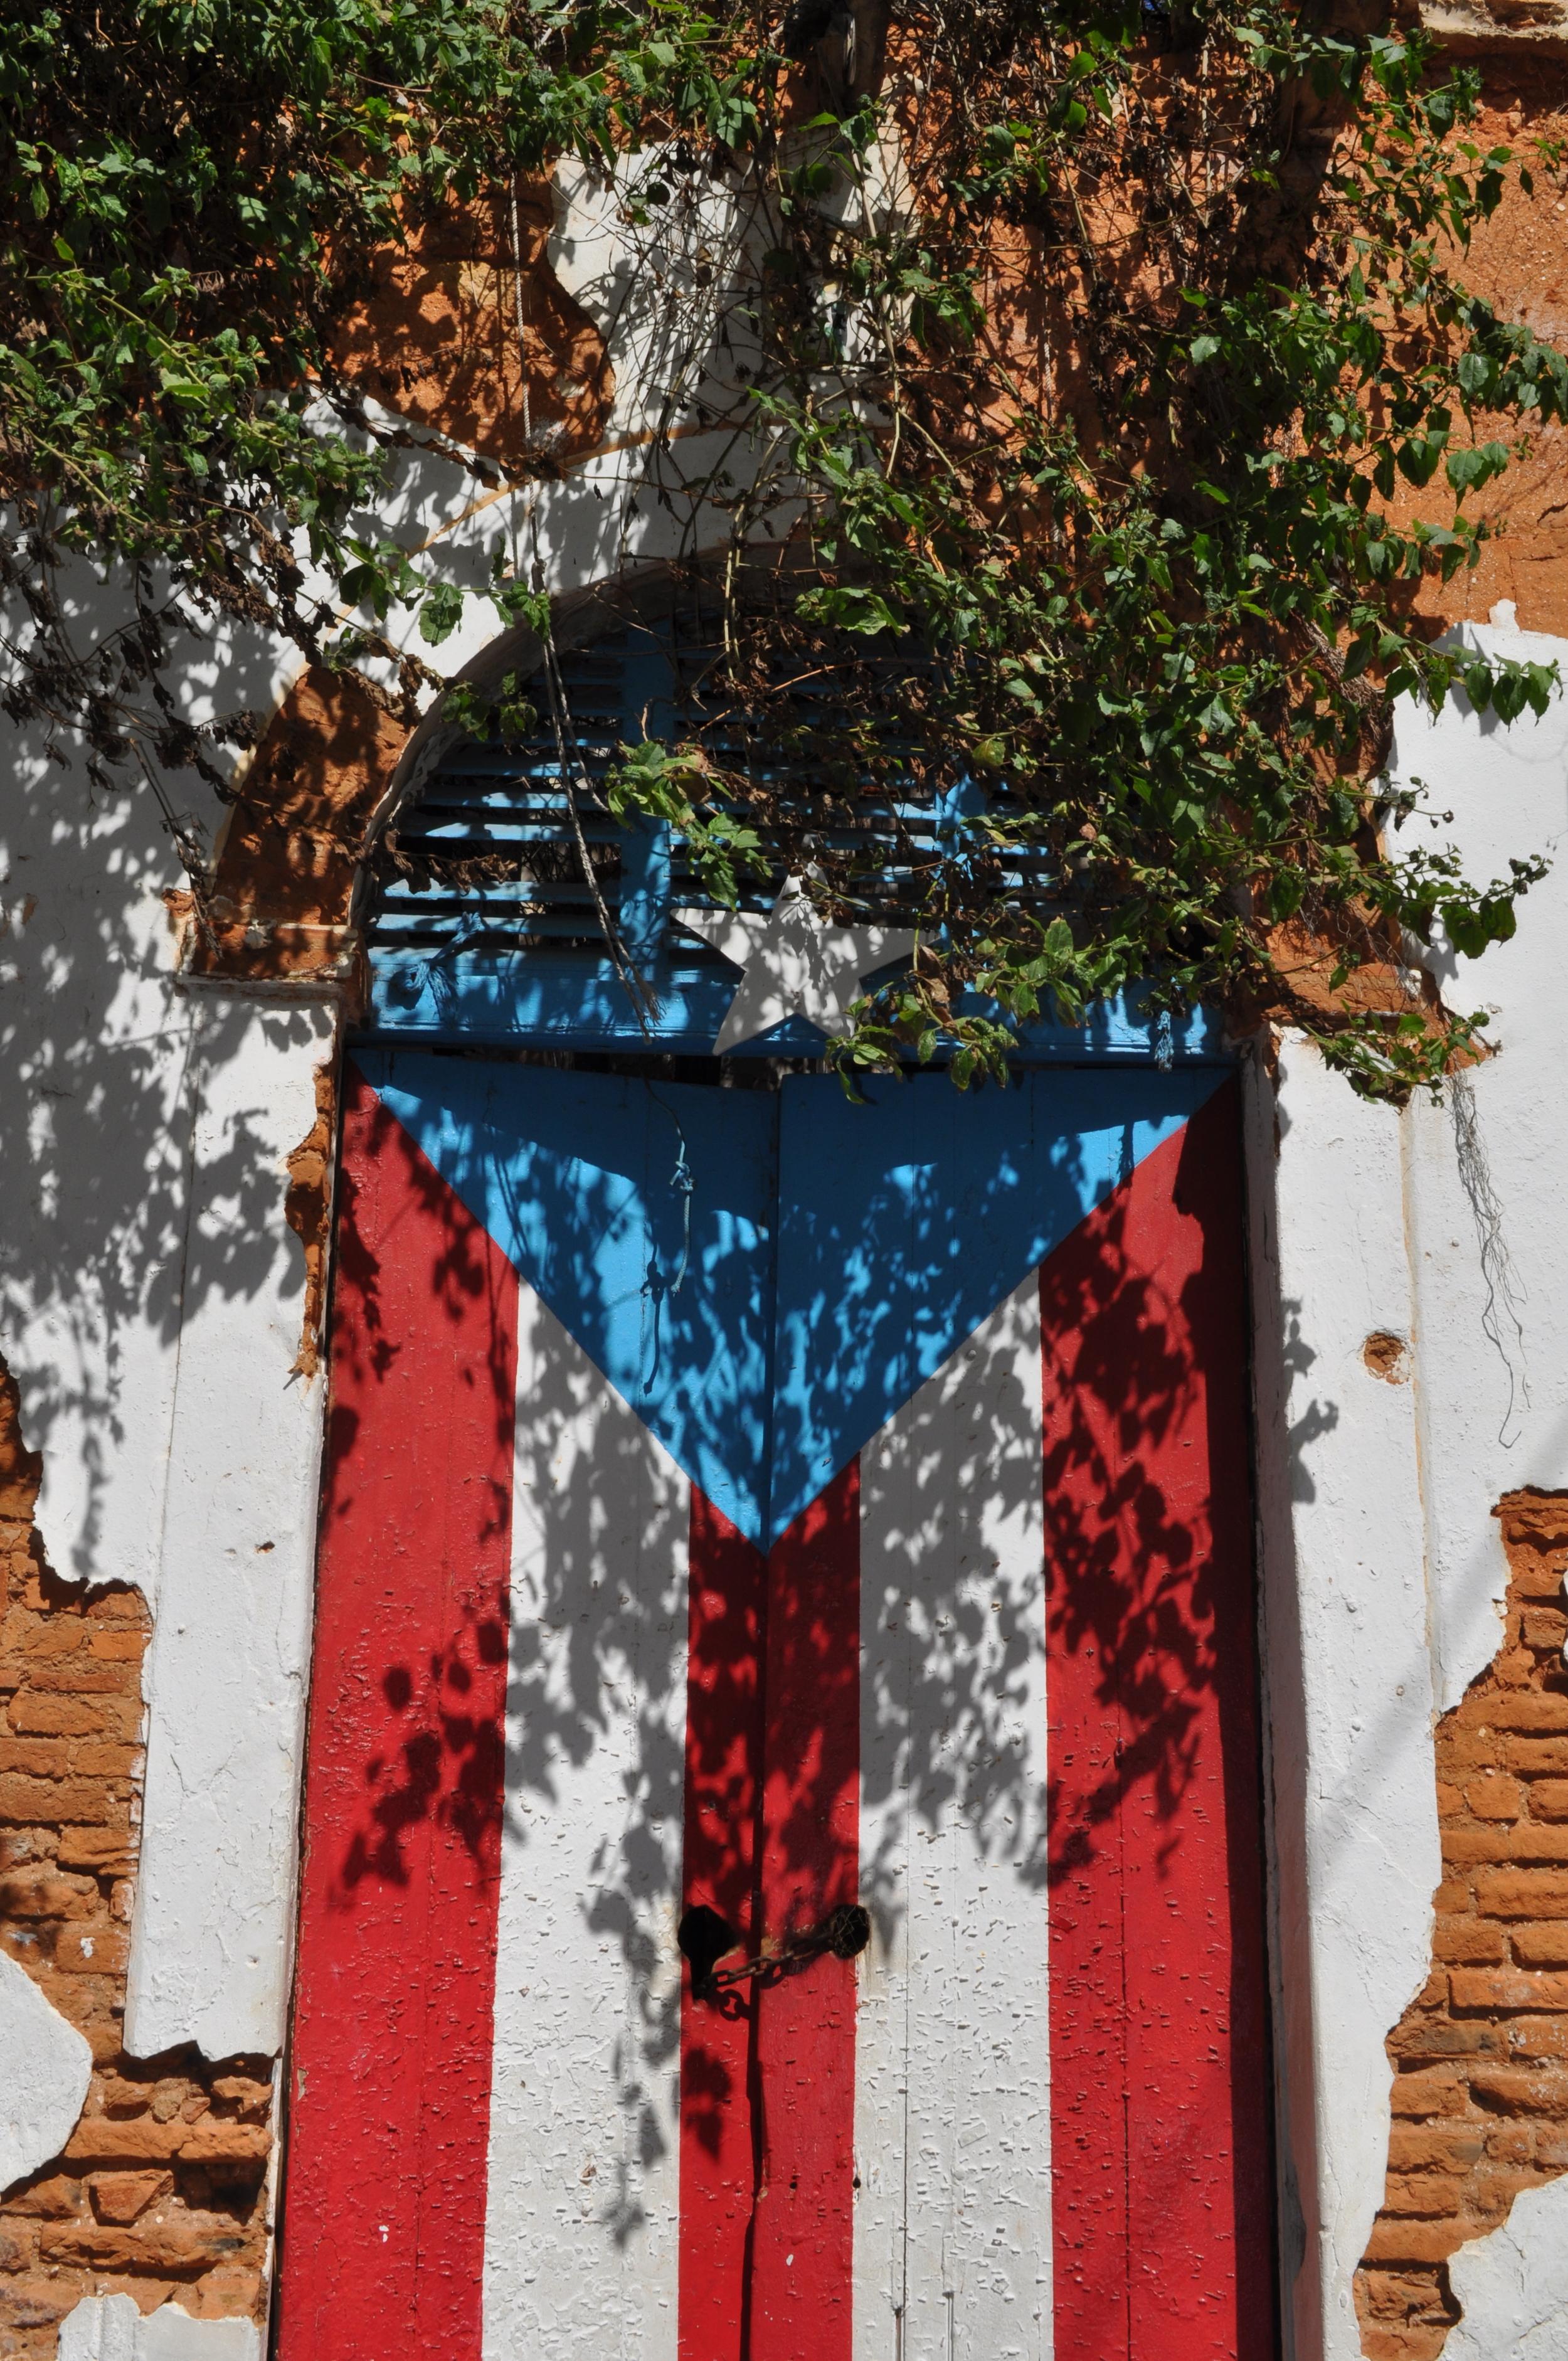 Las fiestas de la Calle San Sebastián son una tradición puertorriqueña. Foto: Pamy Rojas